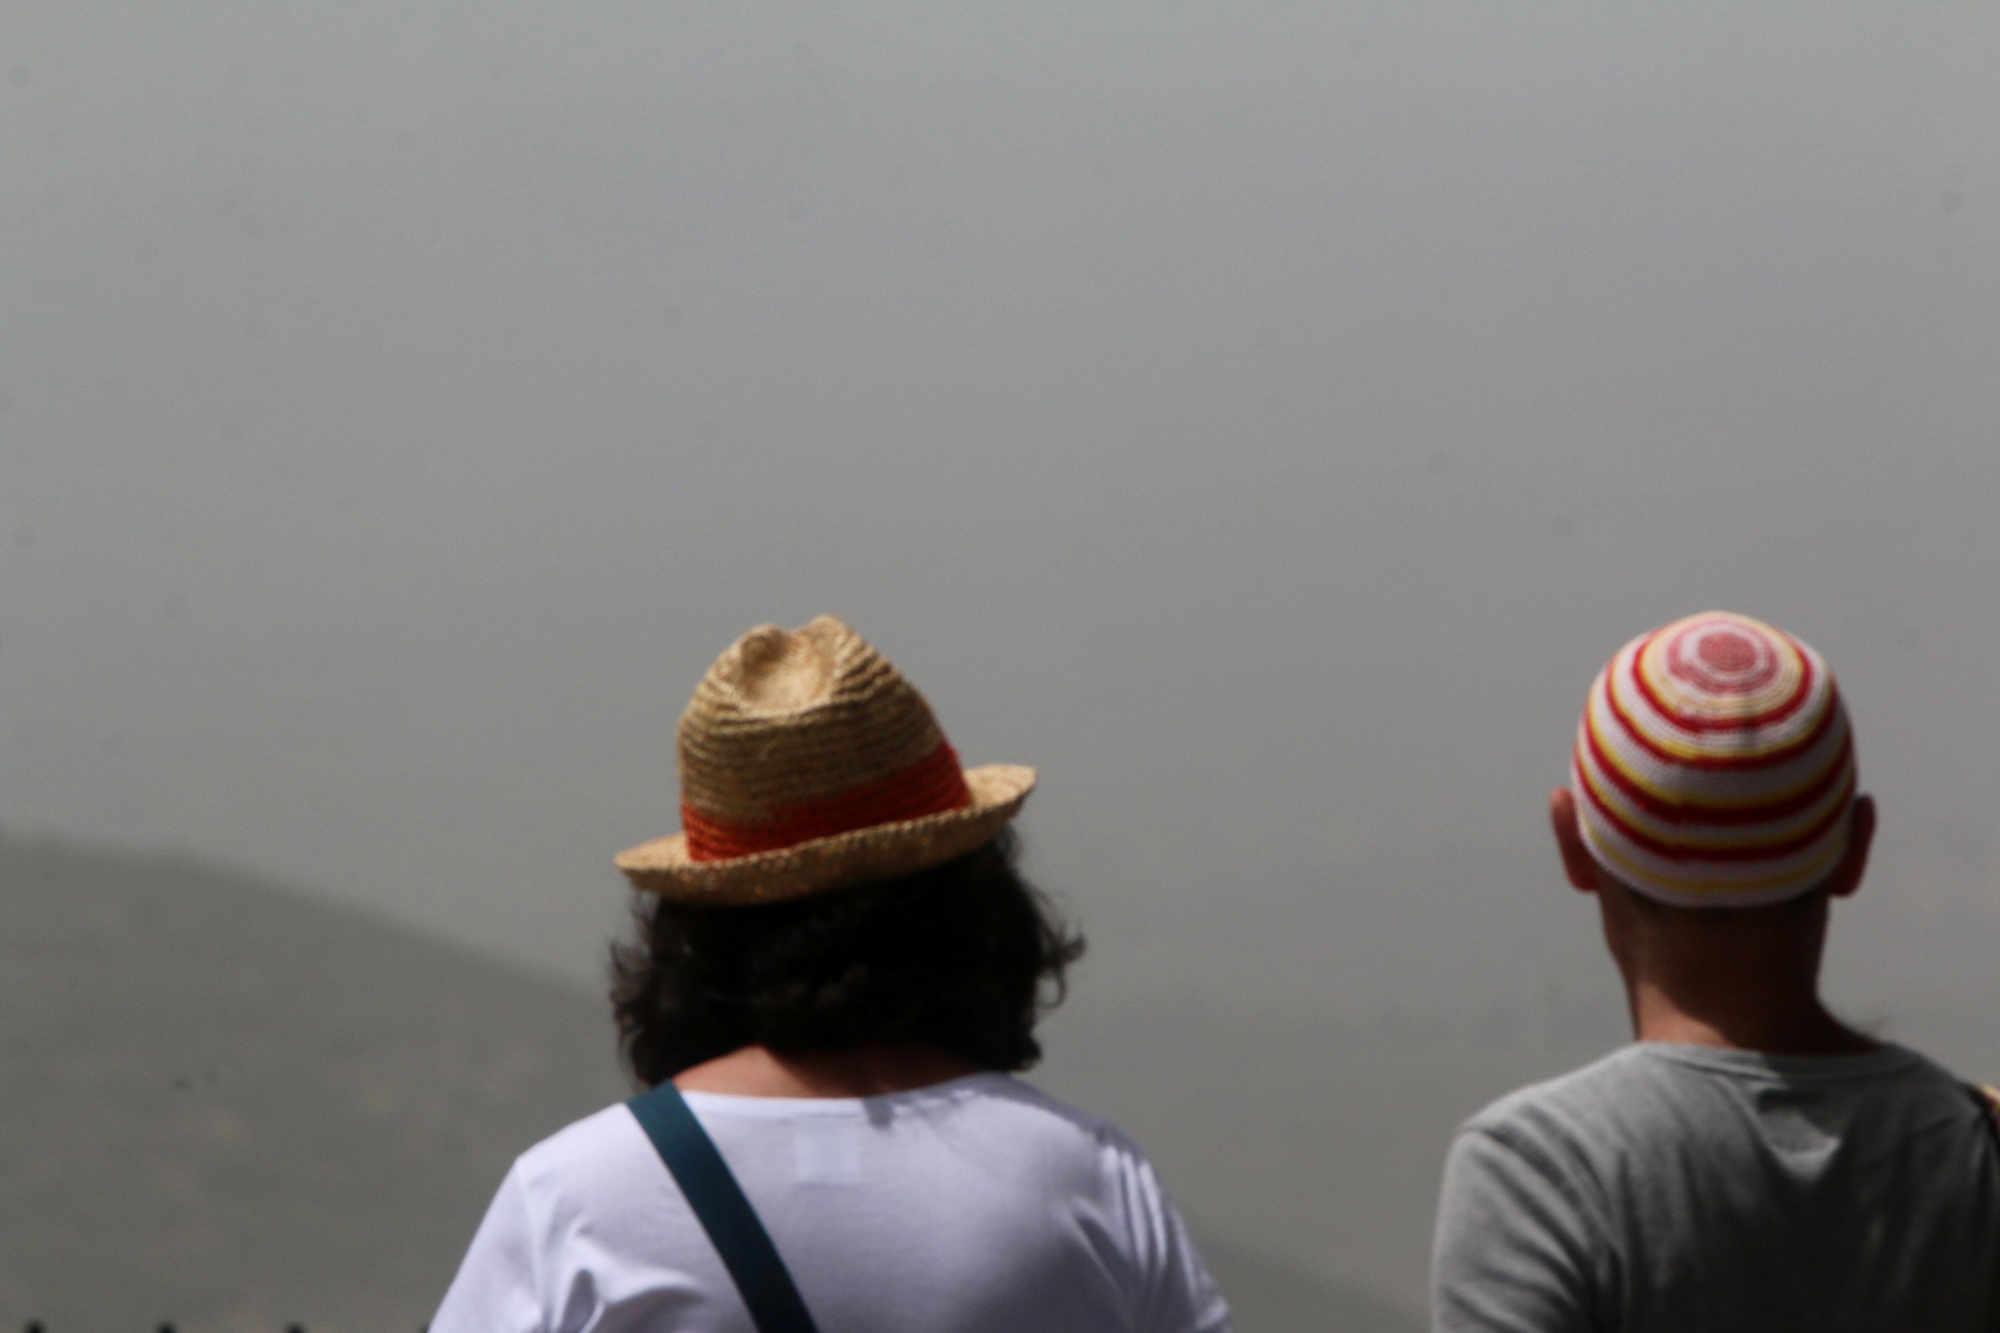 Πρόγνωση καιρού: Αφρικανική σκόνη και ζέστη σε όλη την χώρα